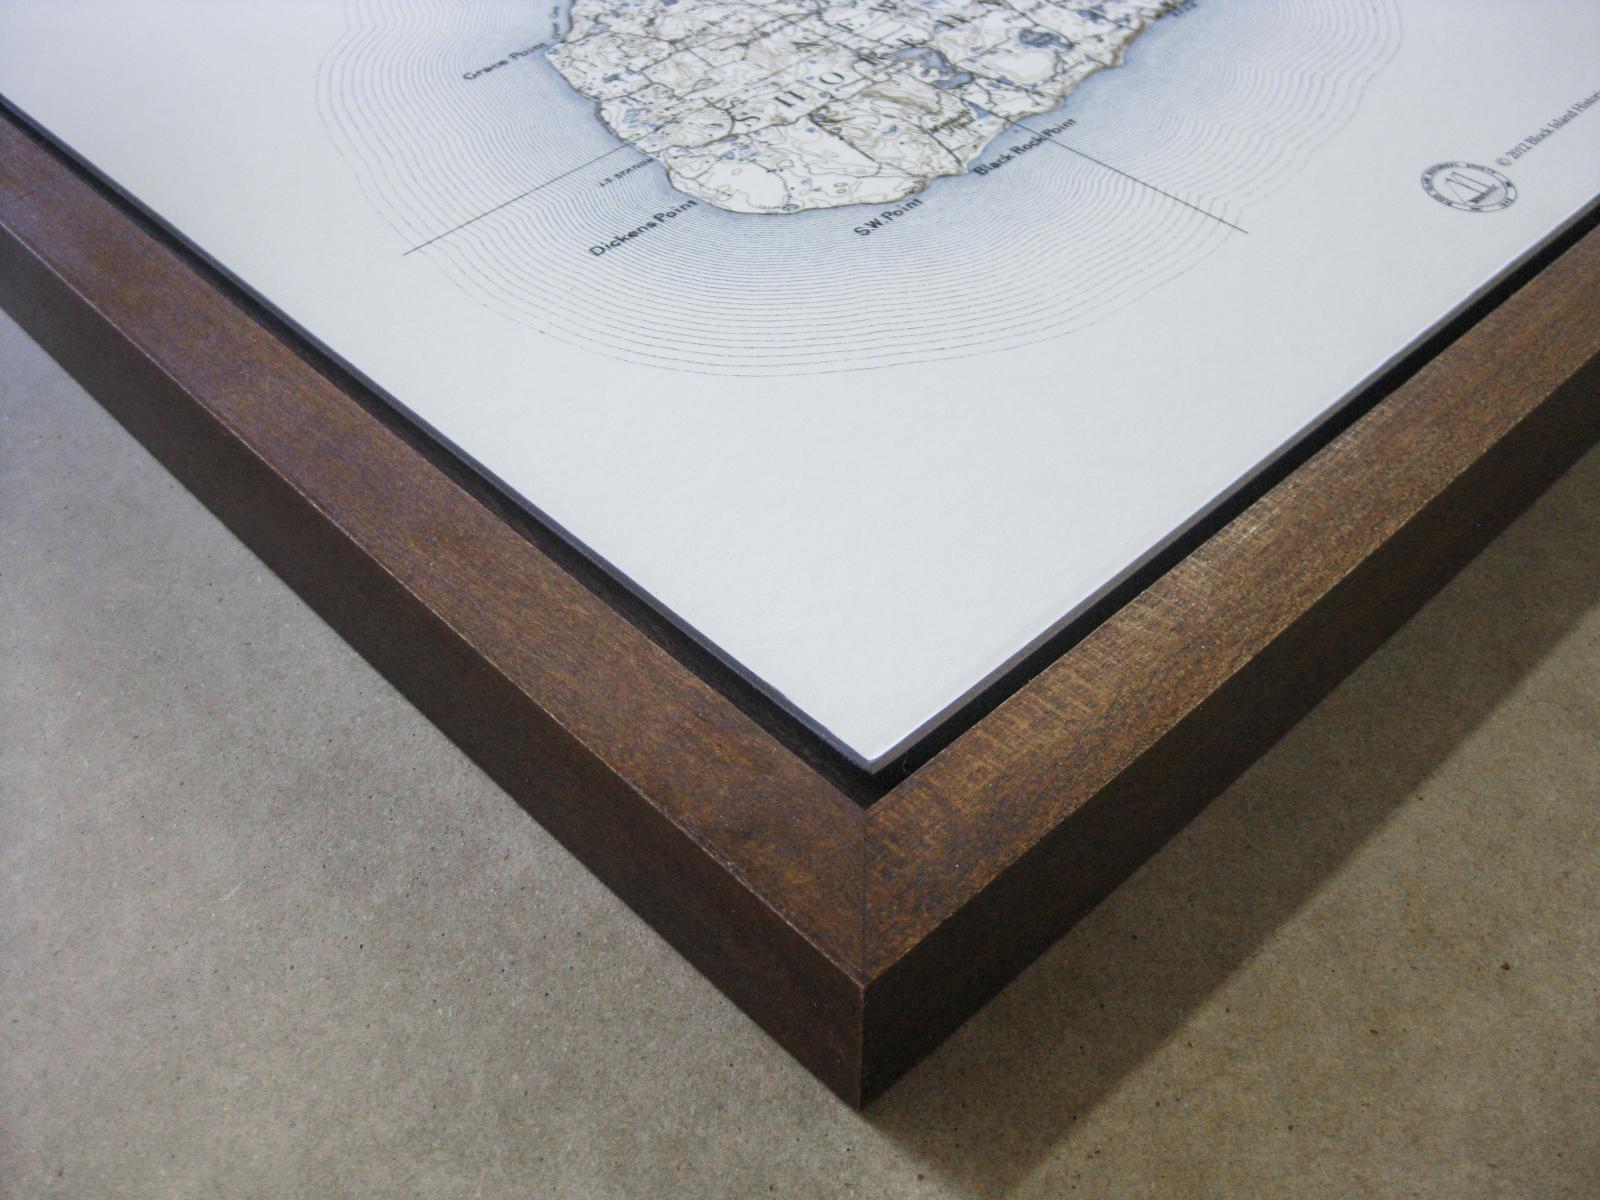 Corner detail of a float frame, walnut stain on oak